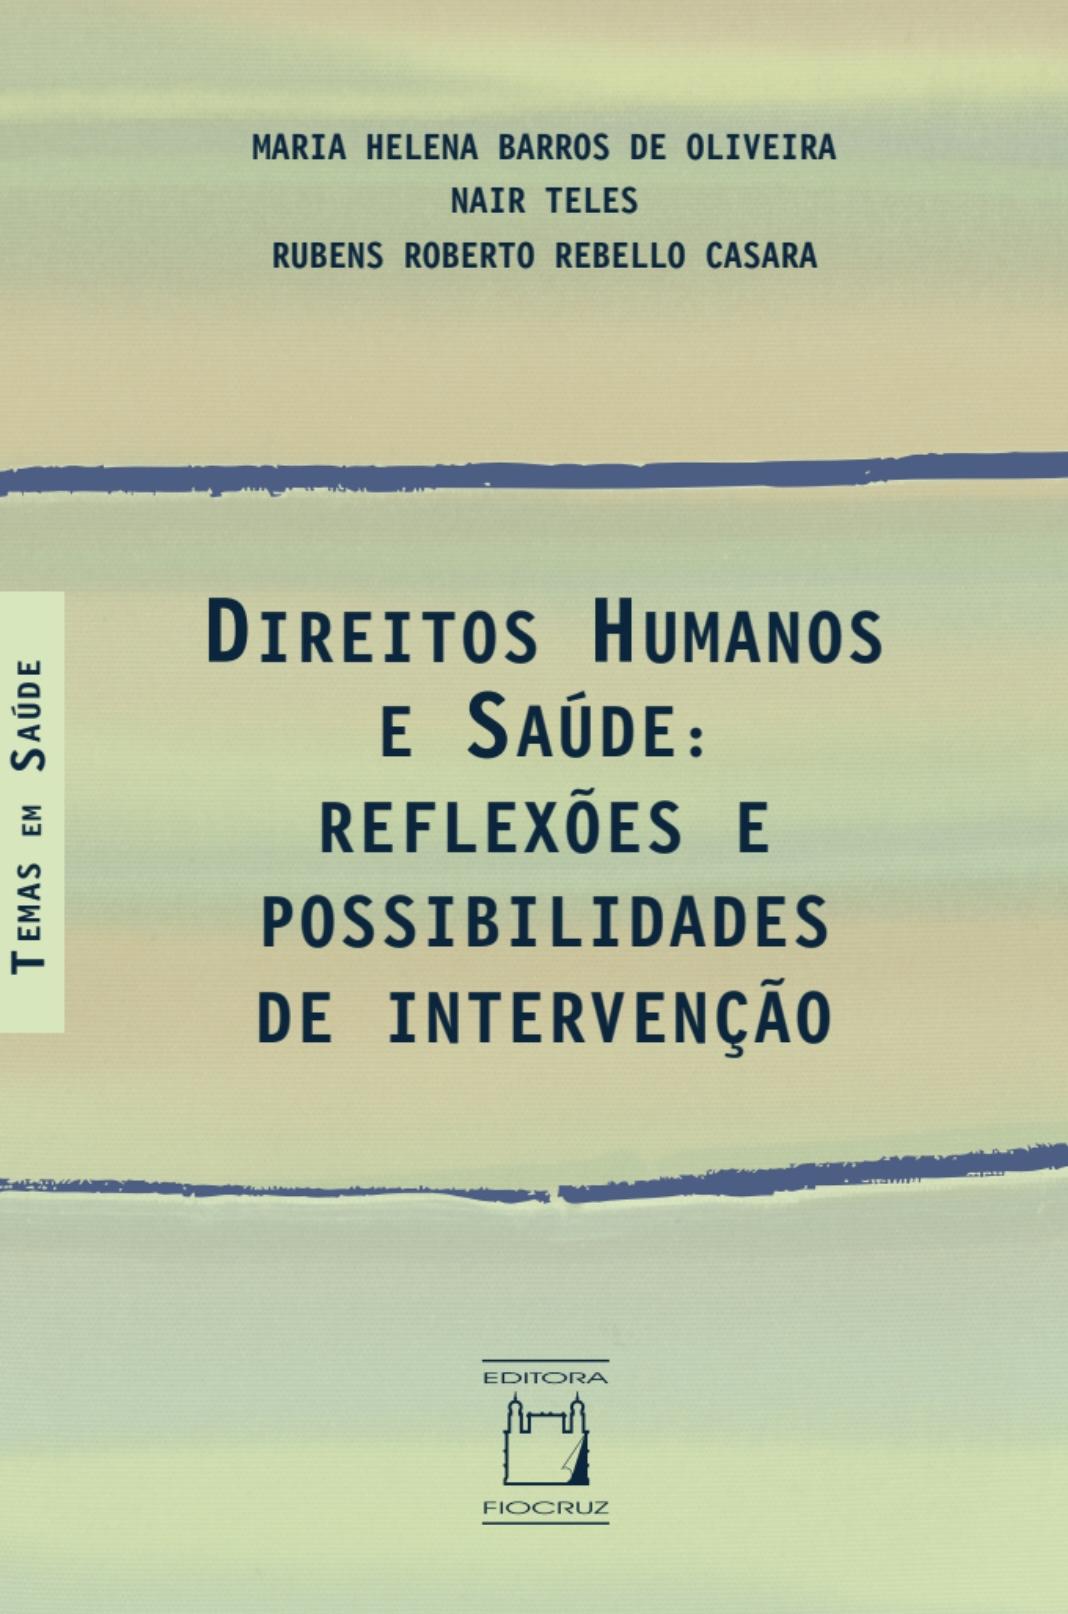 Direitos Humanos e Saúde: reflexões e possibilidades de intervenção  - Livraria Virtual da Editora Fiocruz